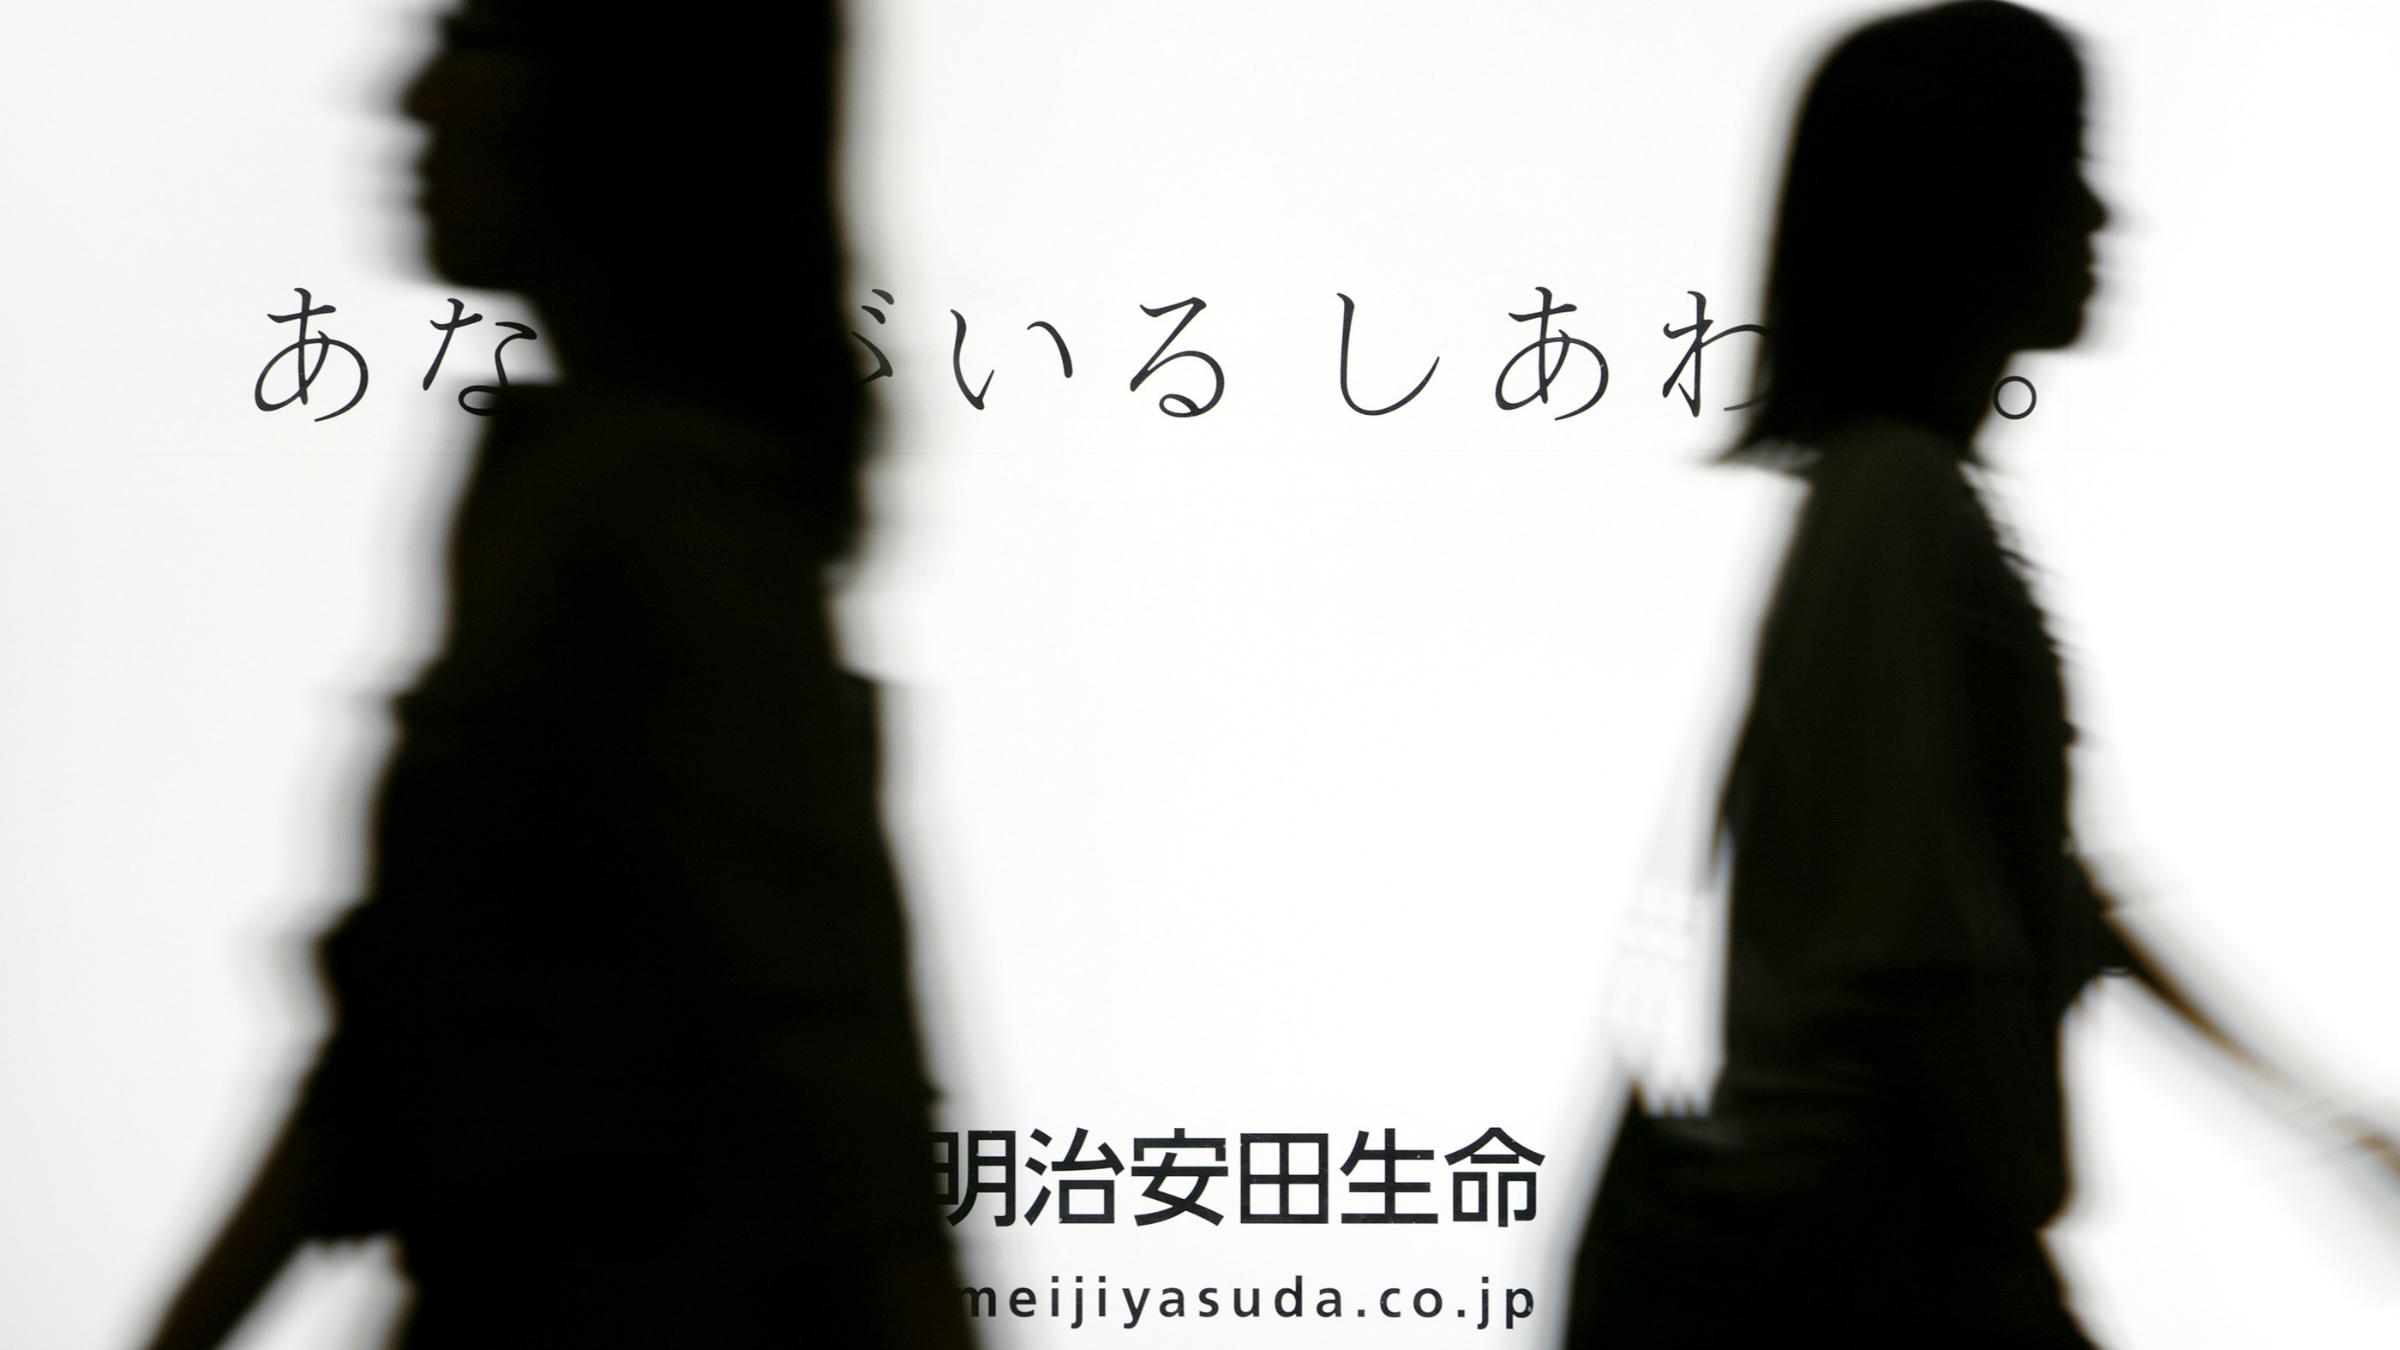 MeijiYasuda